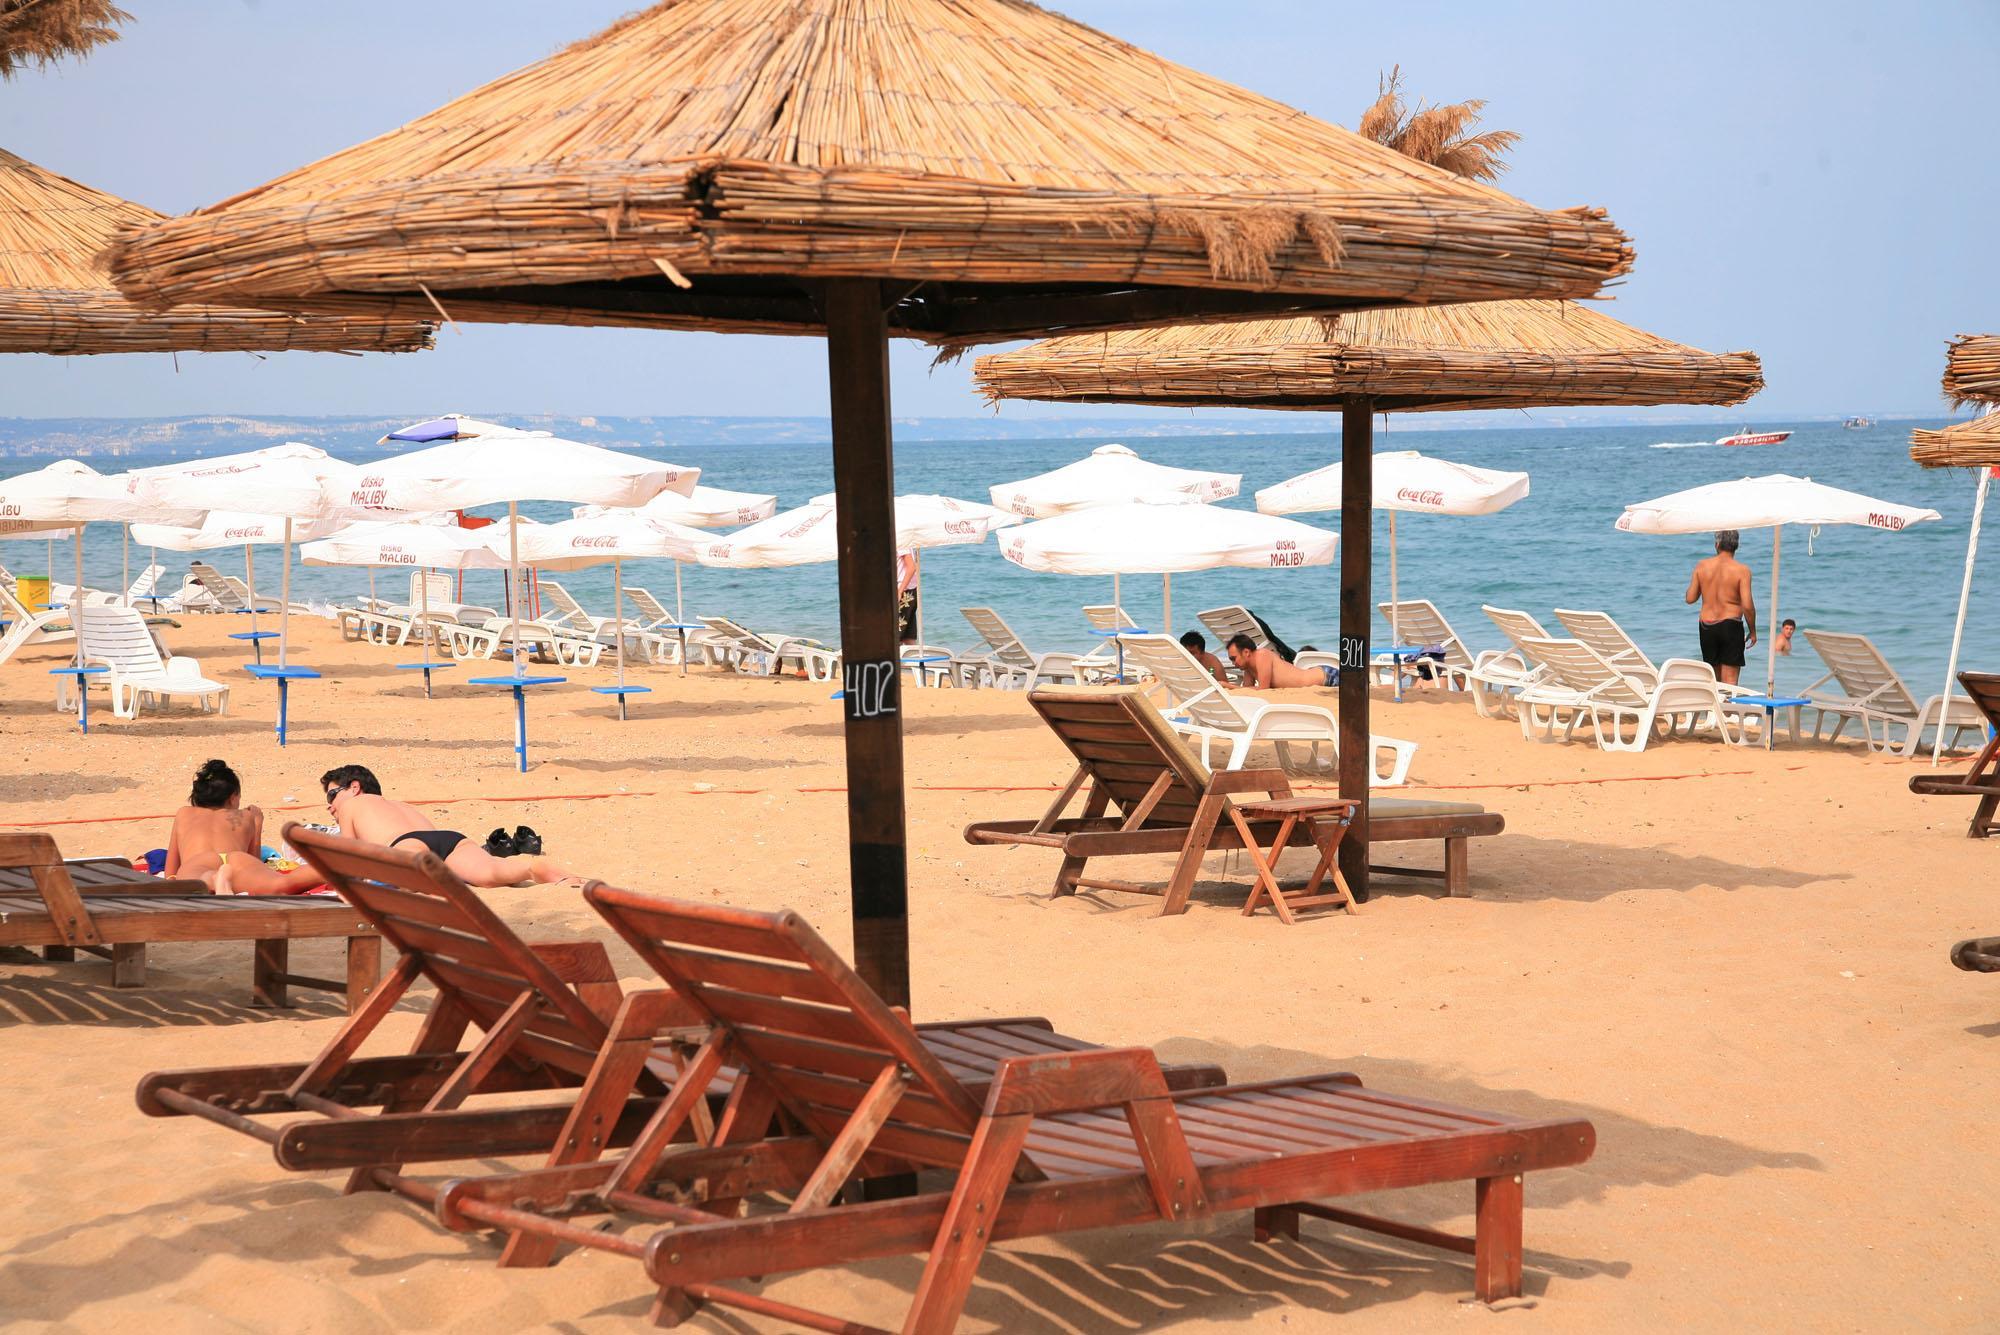 Чадърите на плажа - от 36 ст. до 8 лева